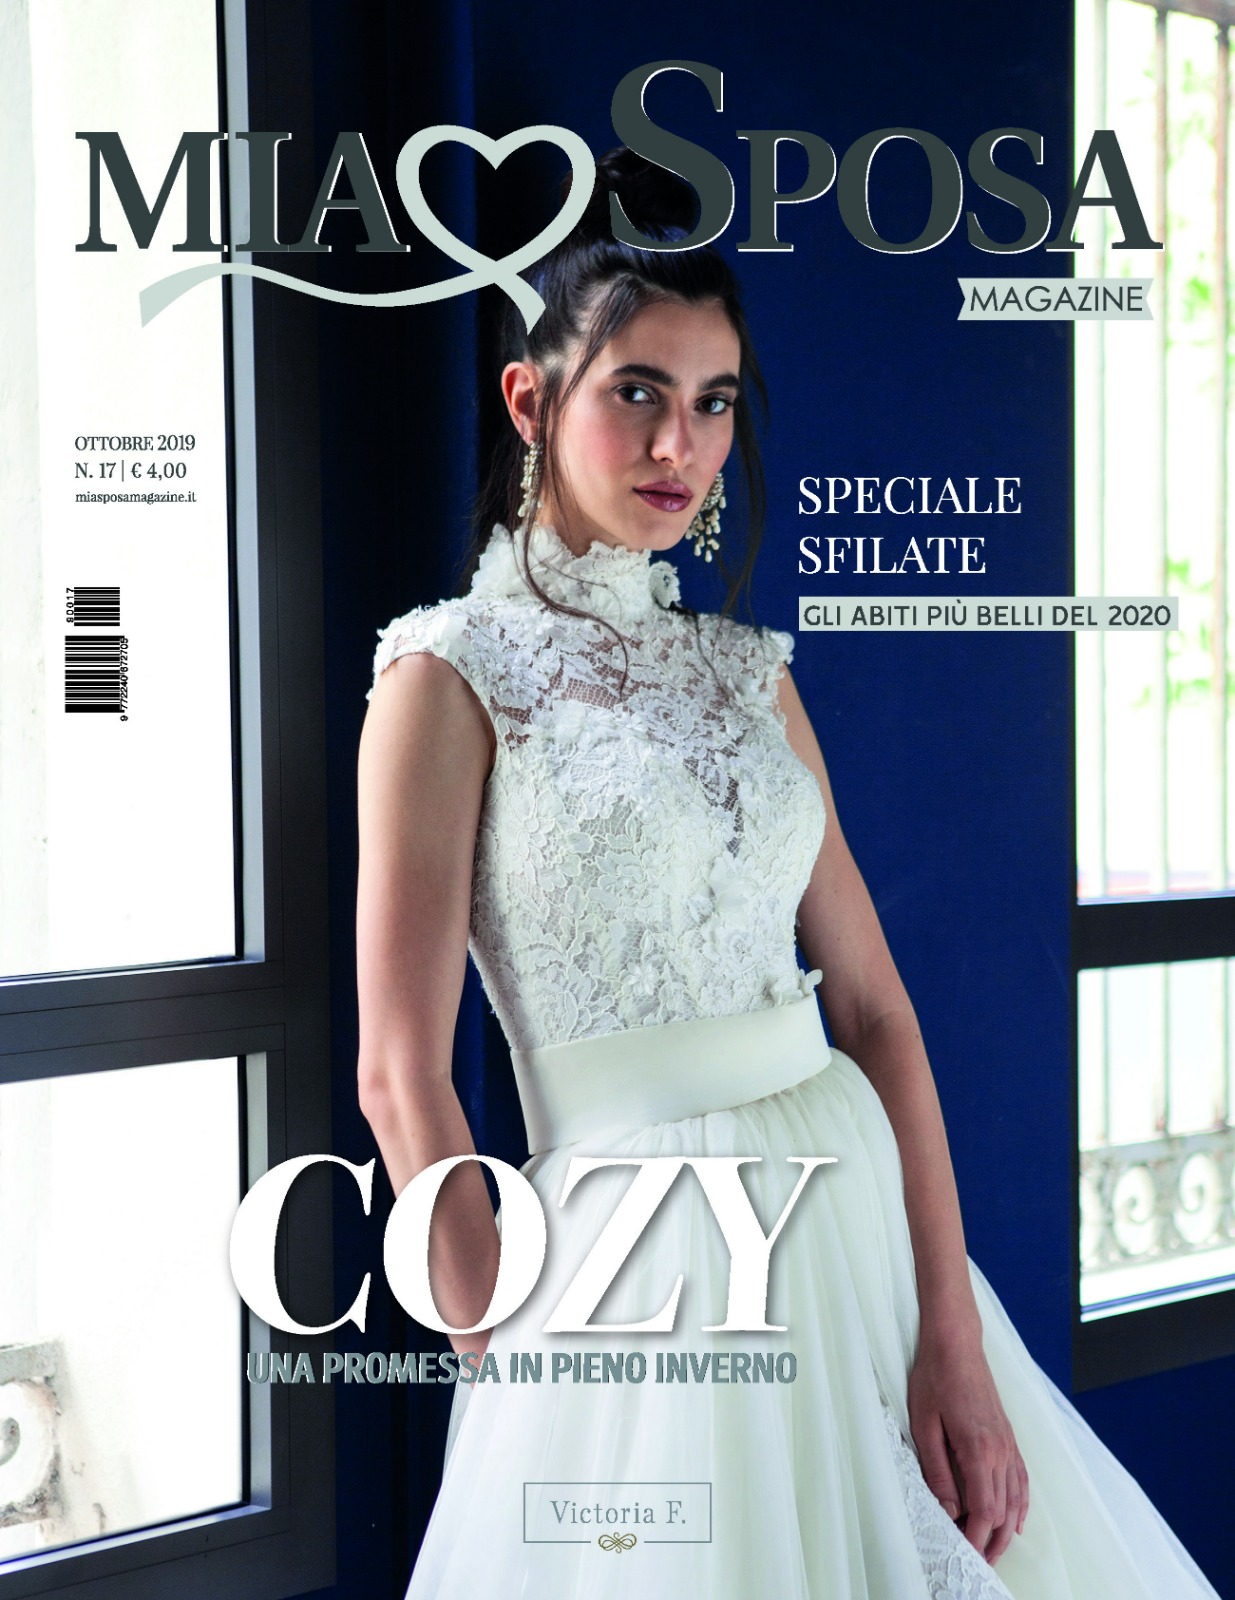 cleofe-finati-pubblicazione-rivista-mia-sposa-magazine